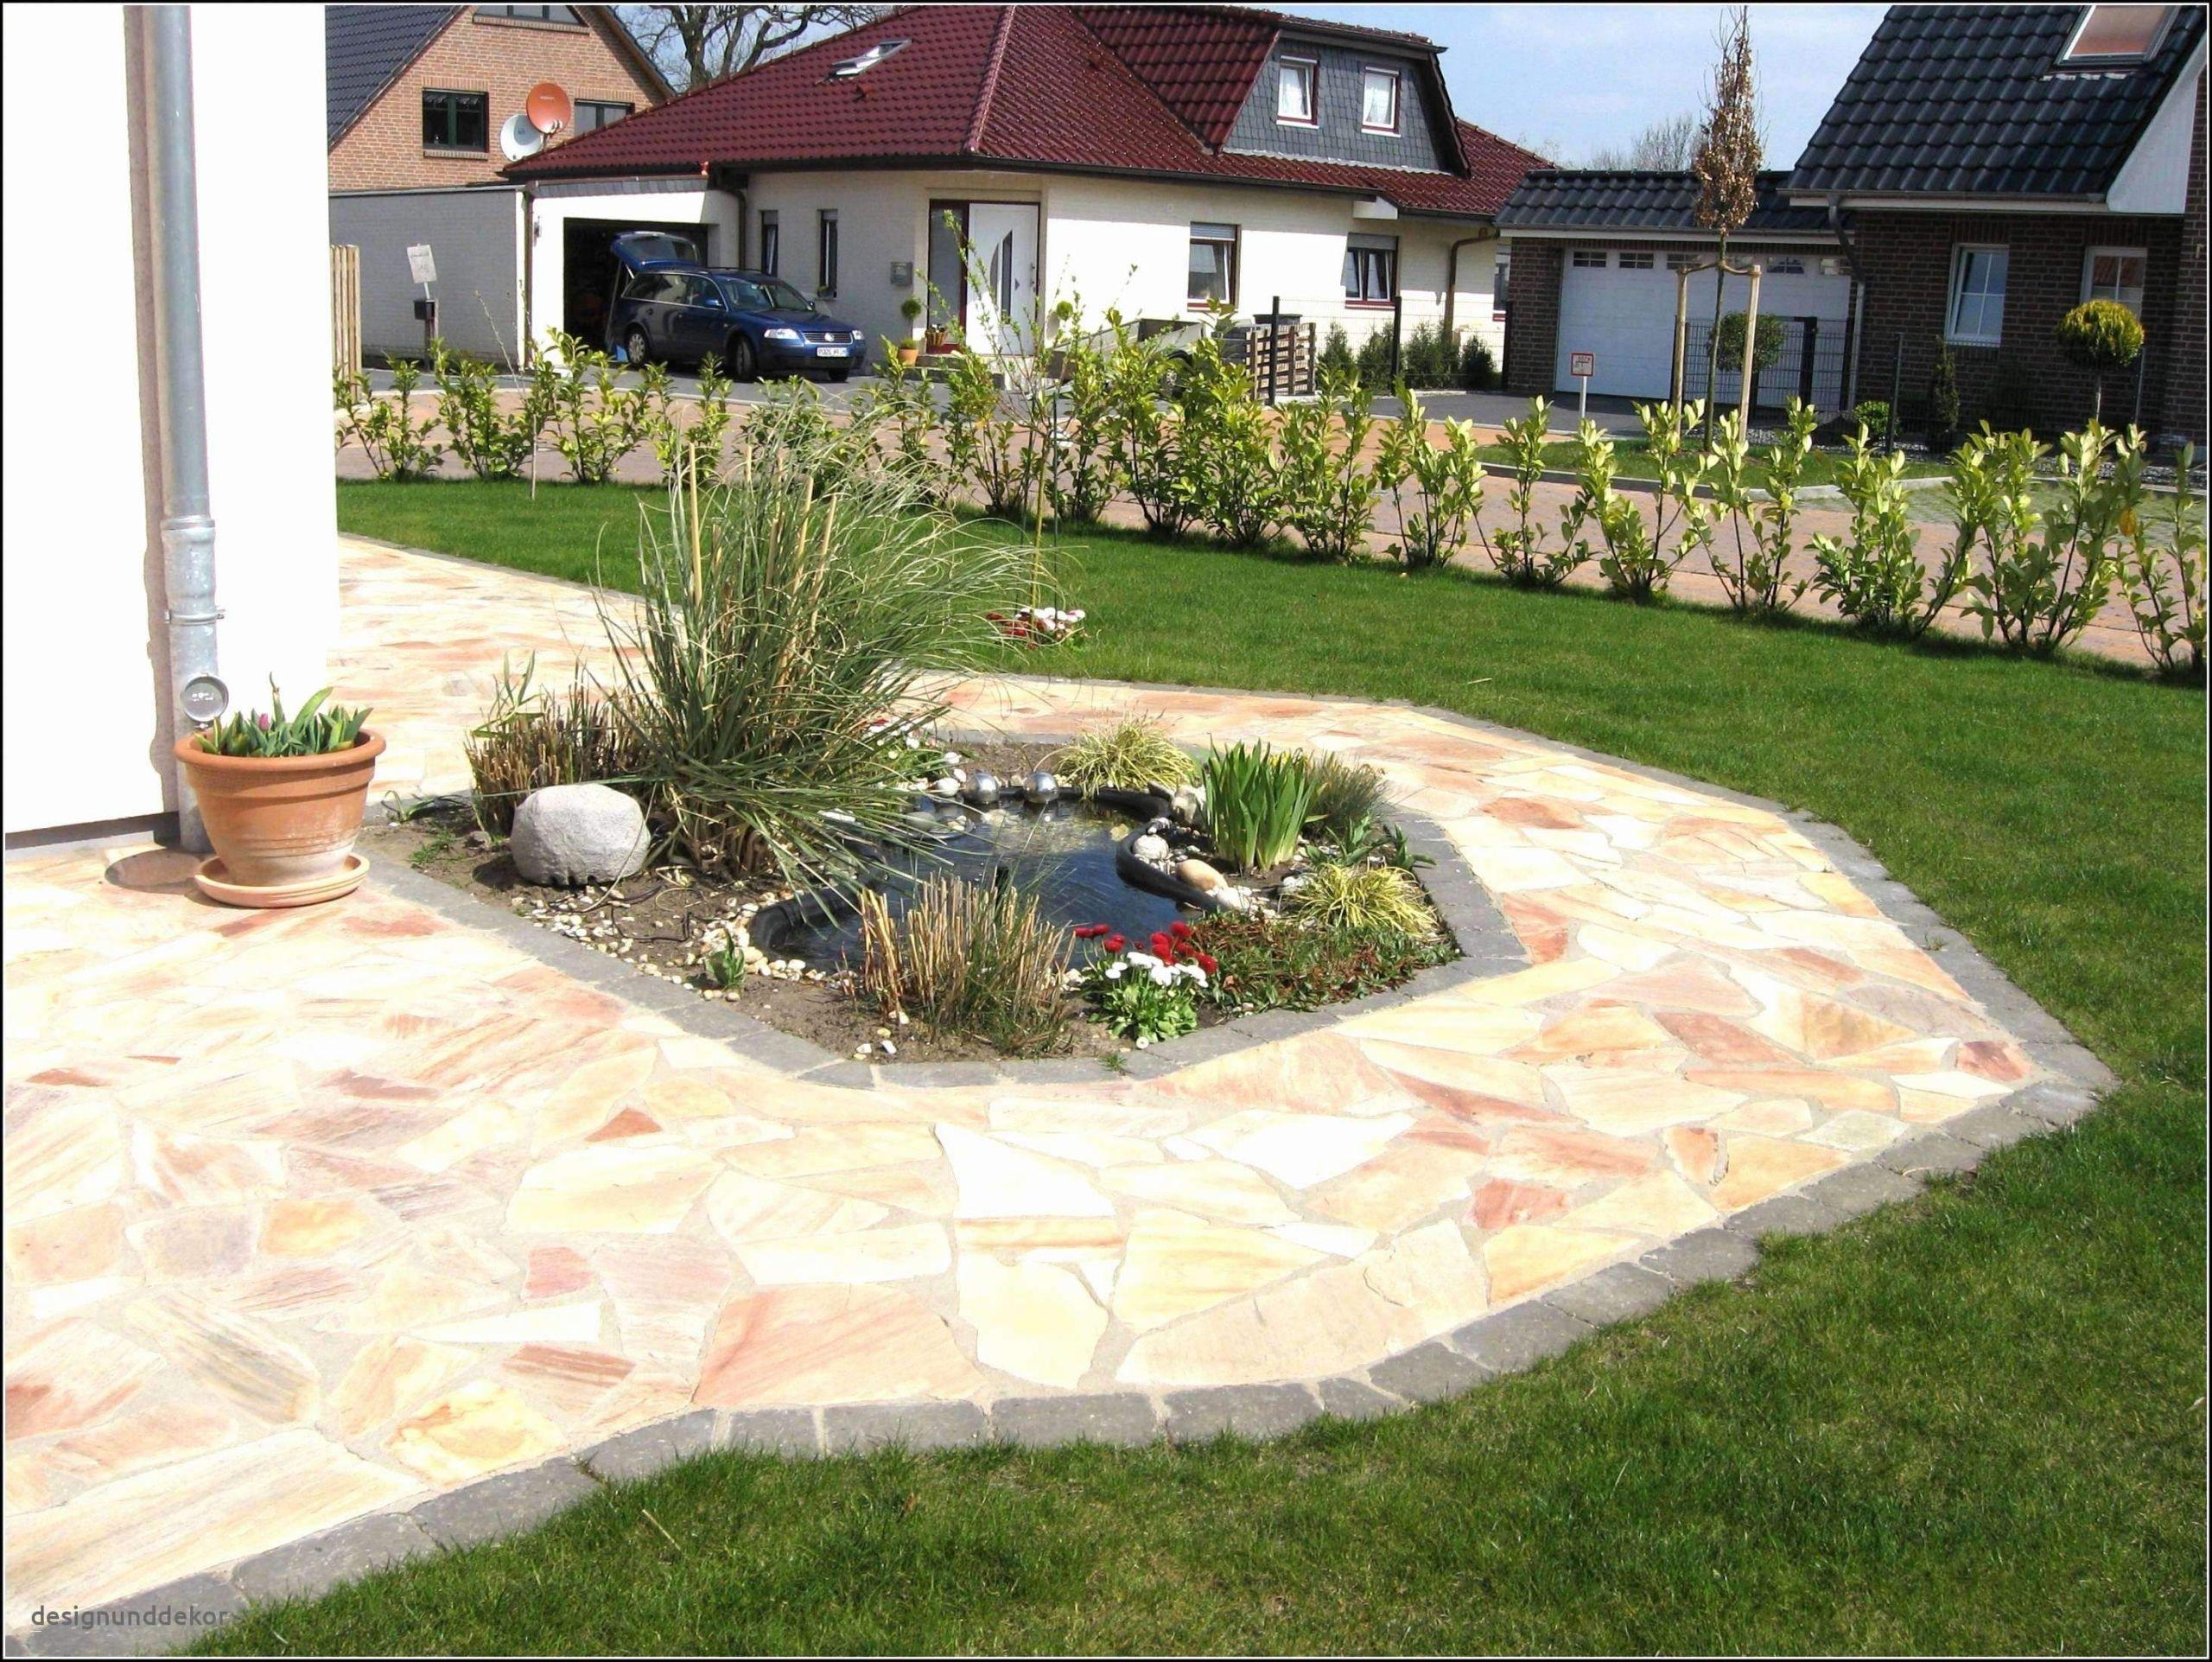 Kleinen Garten Bepflanzen Luxus 28 Elegant Gartengestaltung Kleiner Garten Neu